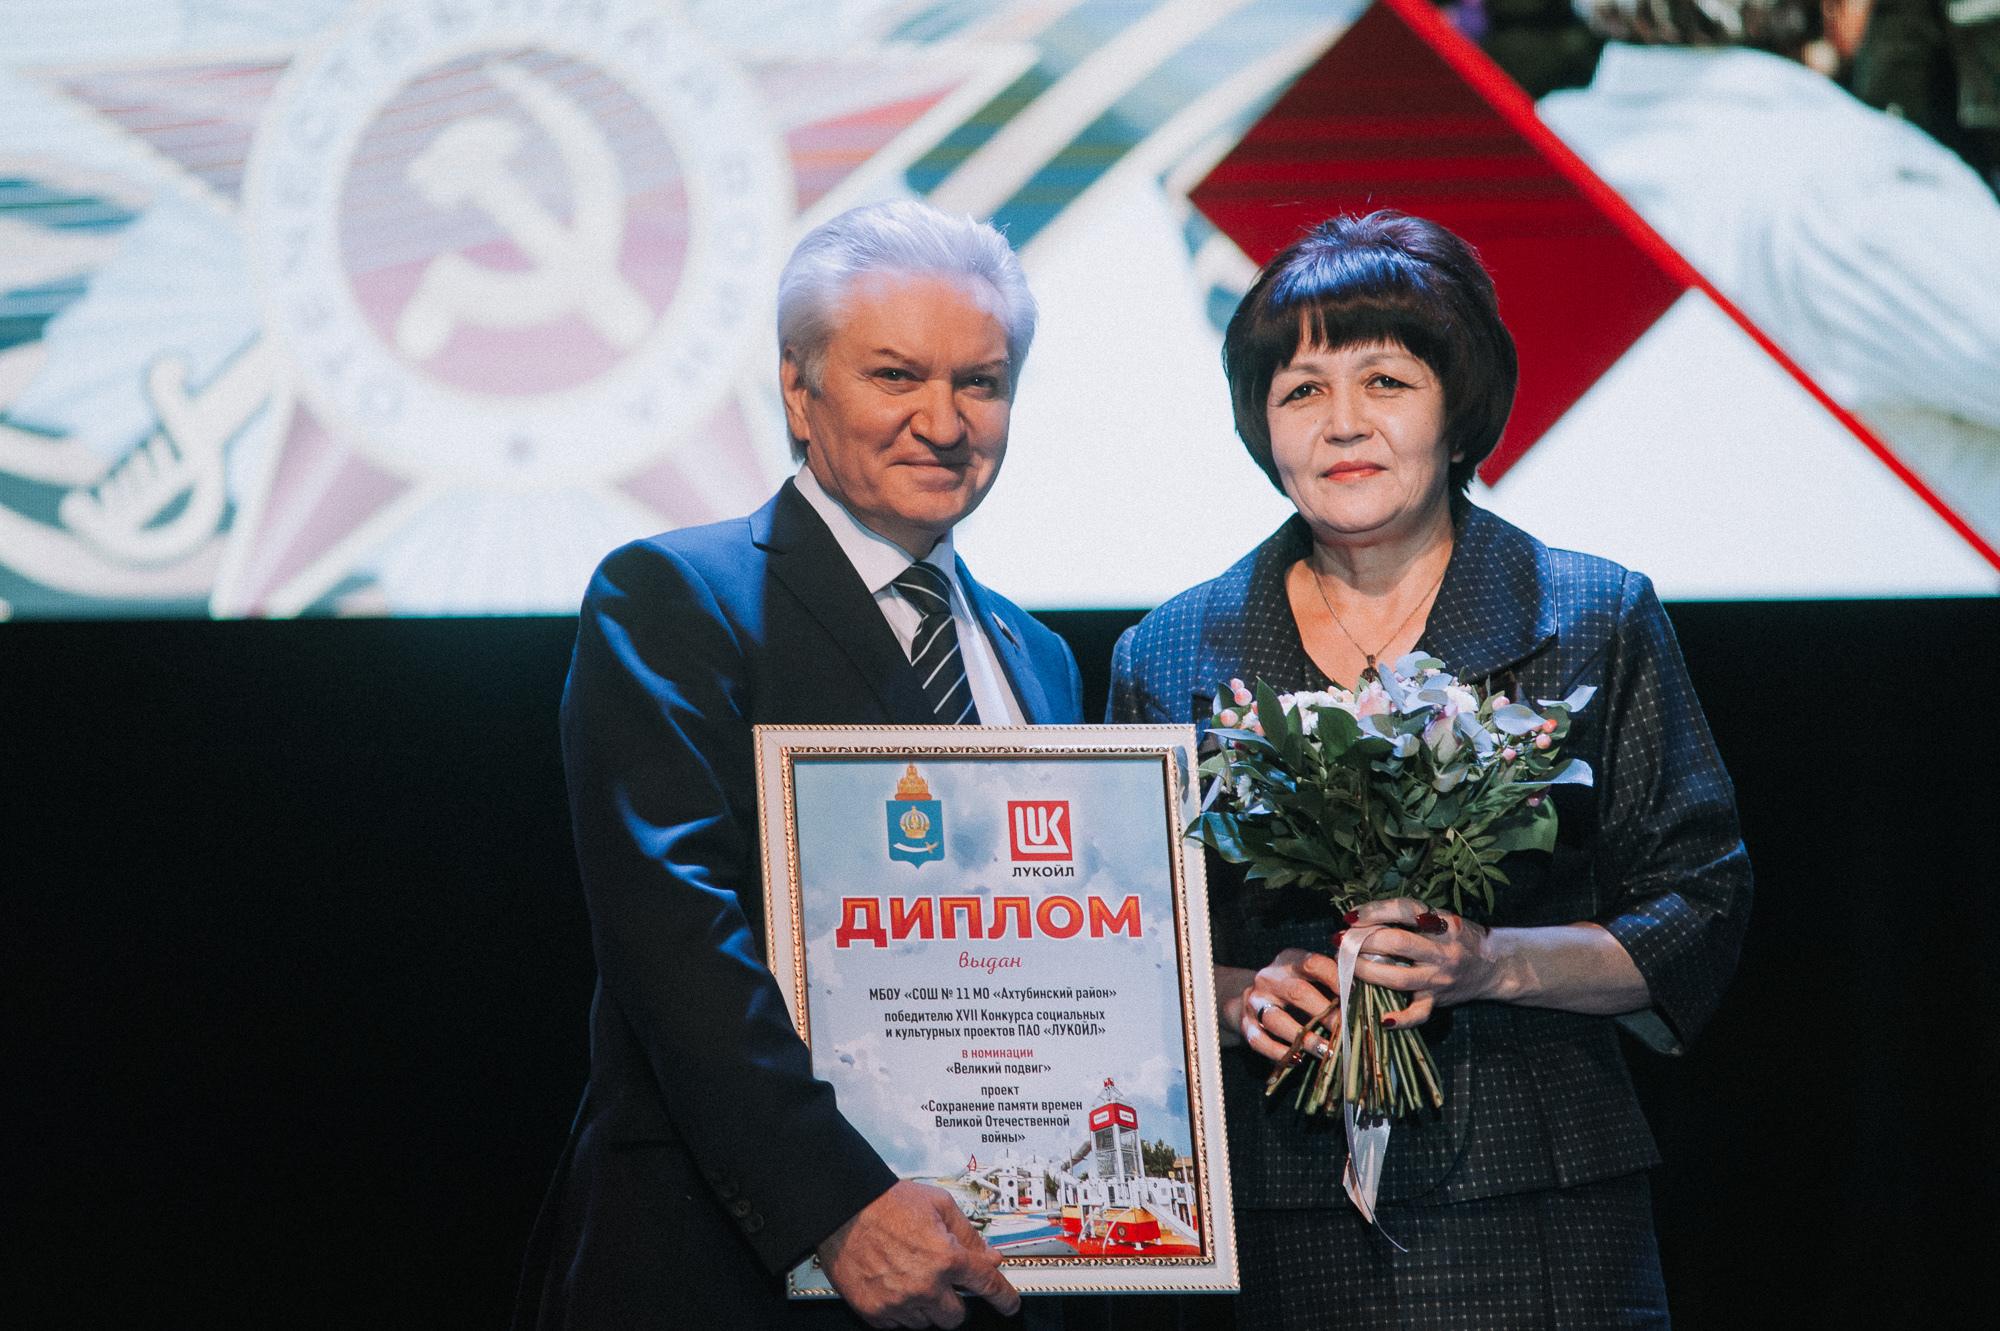 6 В Астрахани ЛУКОЙЛ наградил победителей конкурса соцпроектов